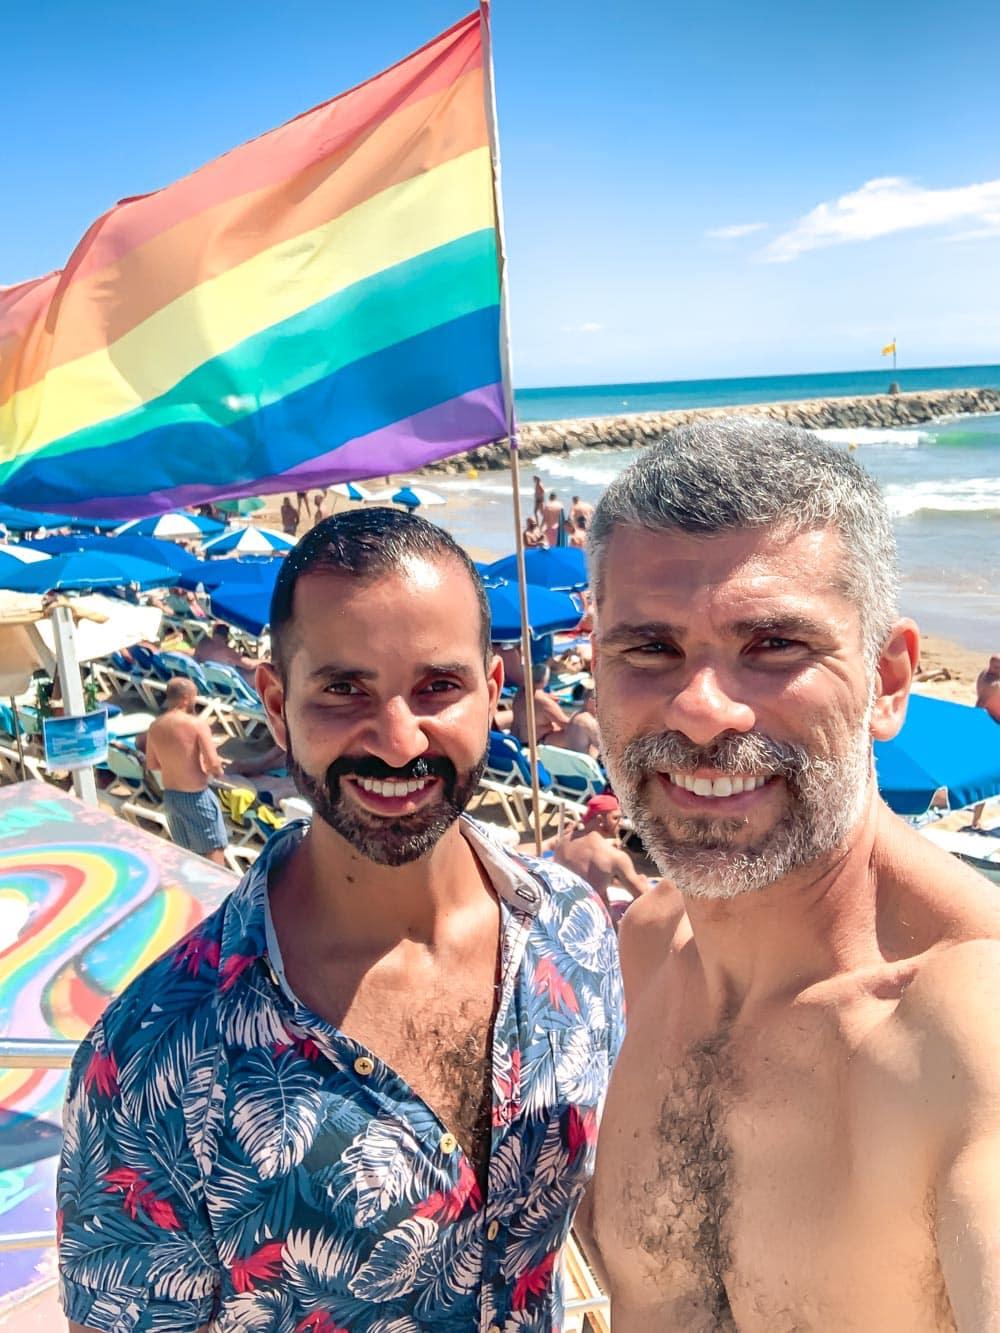 Turismo LGBT: Top 10 Melhores Destinos Gay Friendly do Mundo - Dicas de Viagem Gay